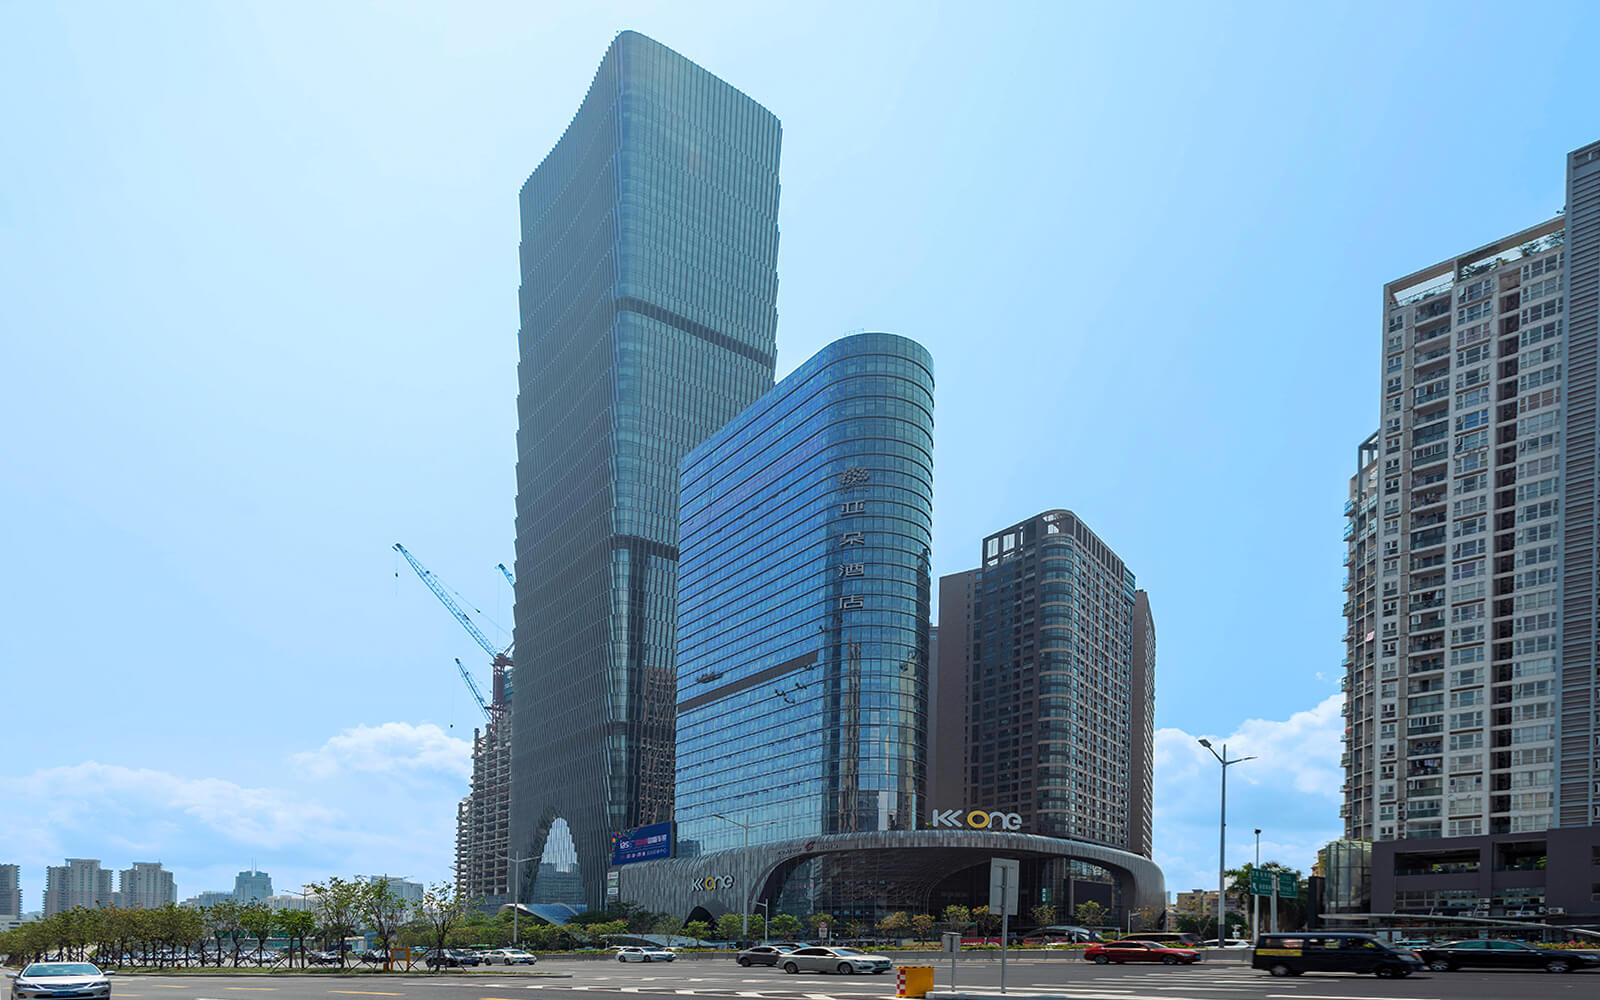 京基滨河时代大厦这个楼盘怎么样-咚咚租